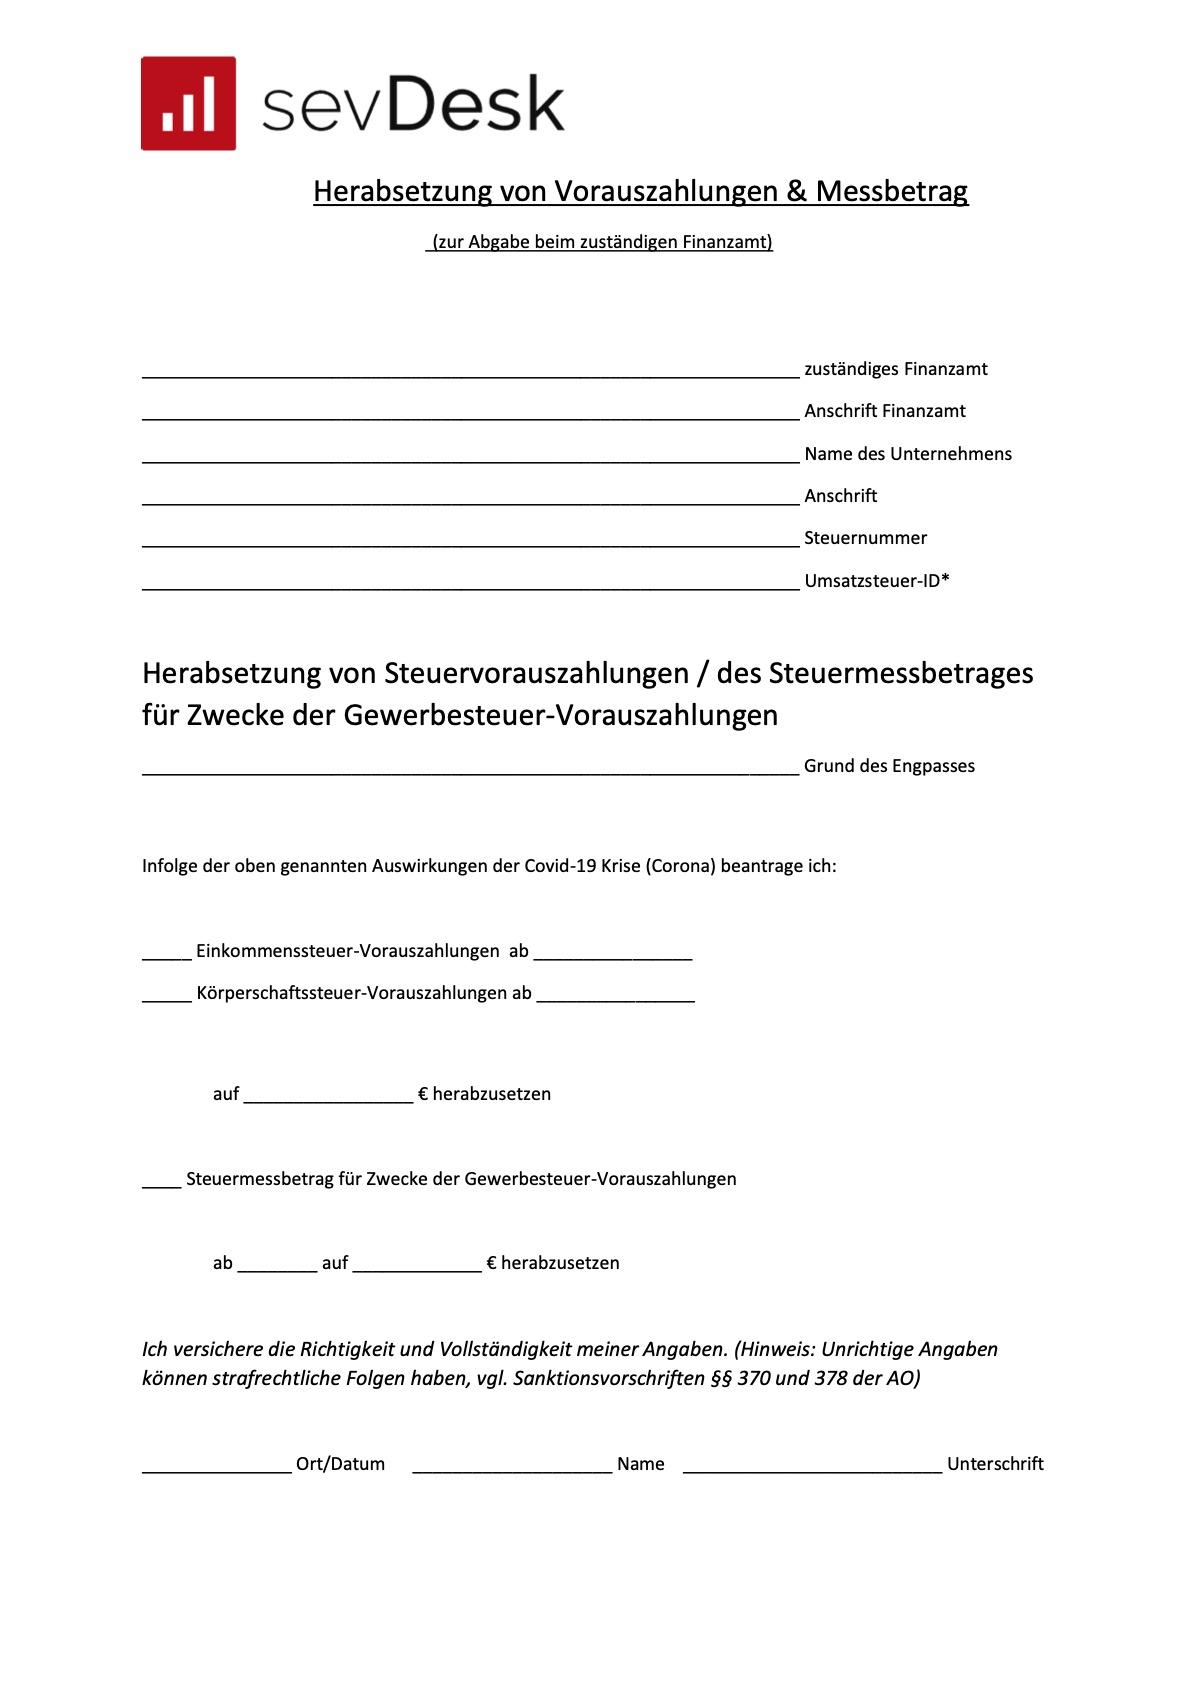 formular-herabsetzung-von-steuervorrauszahlung-und-messbetrag